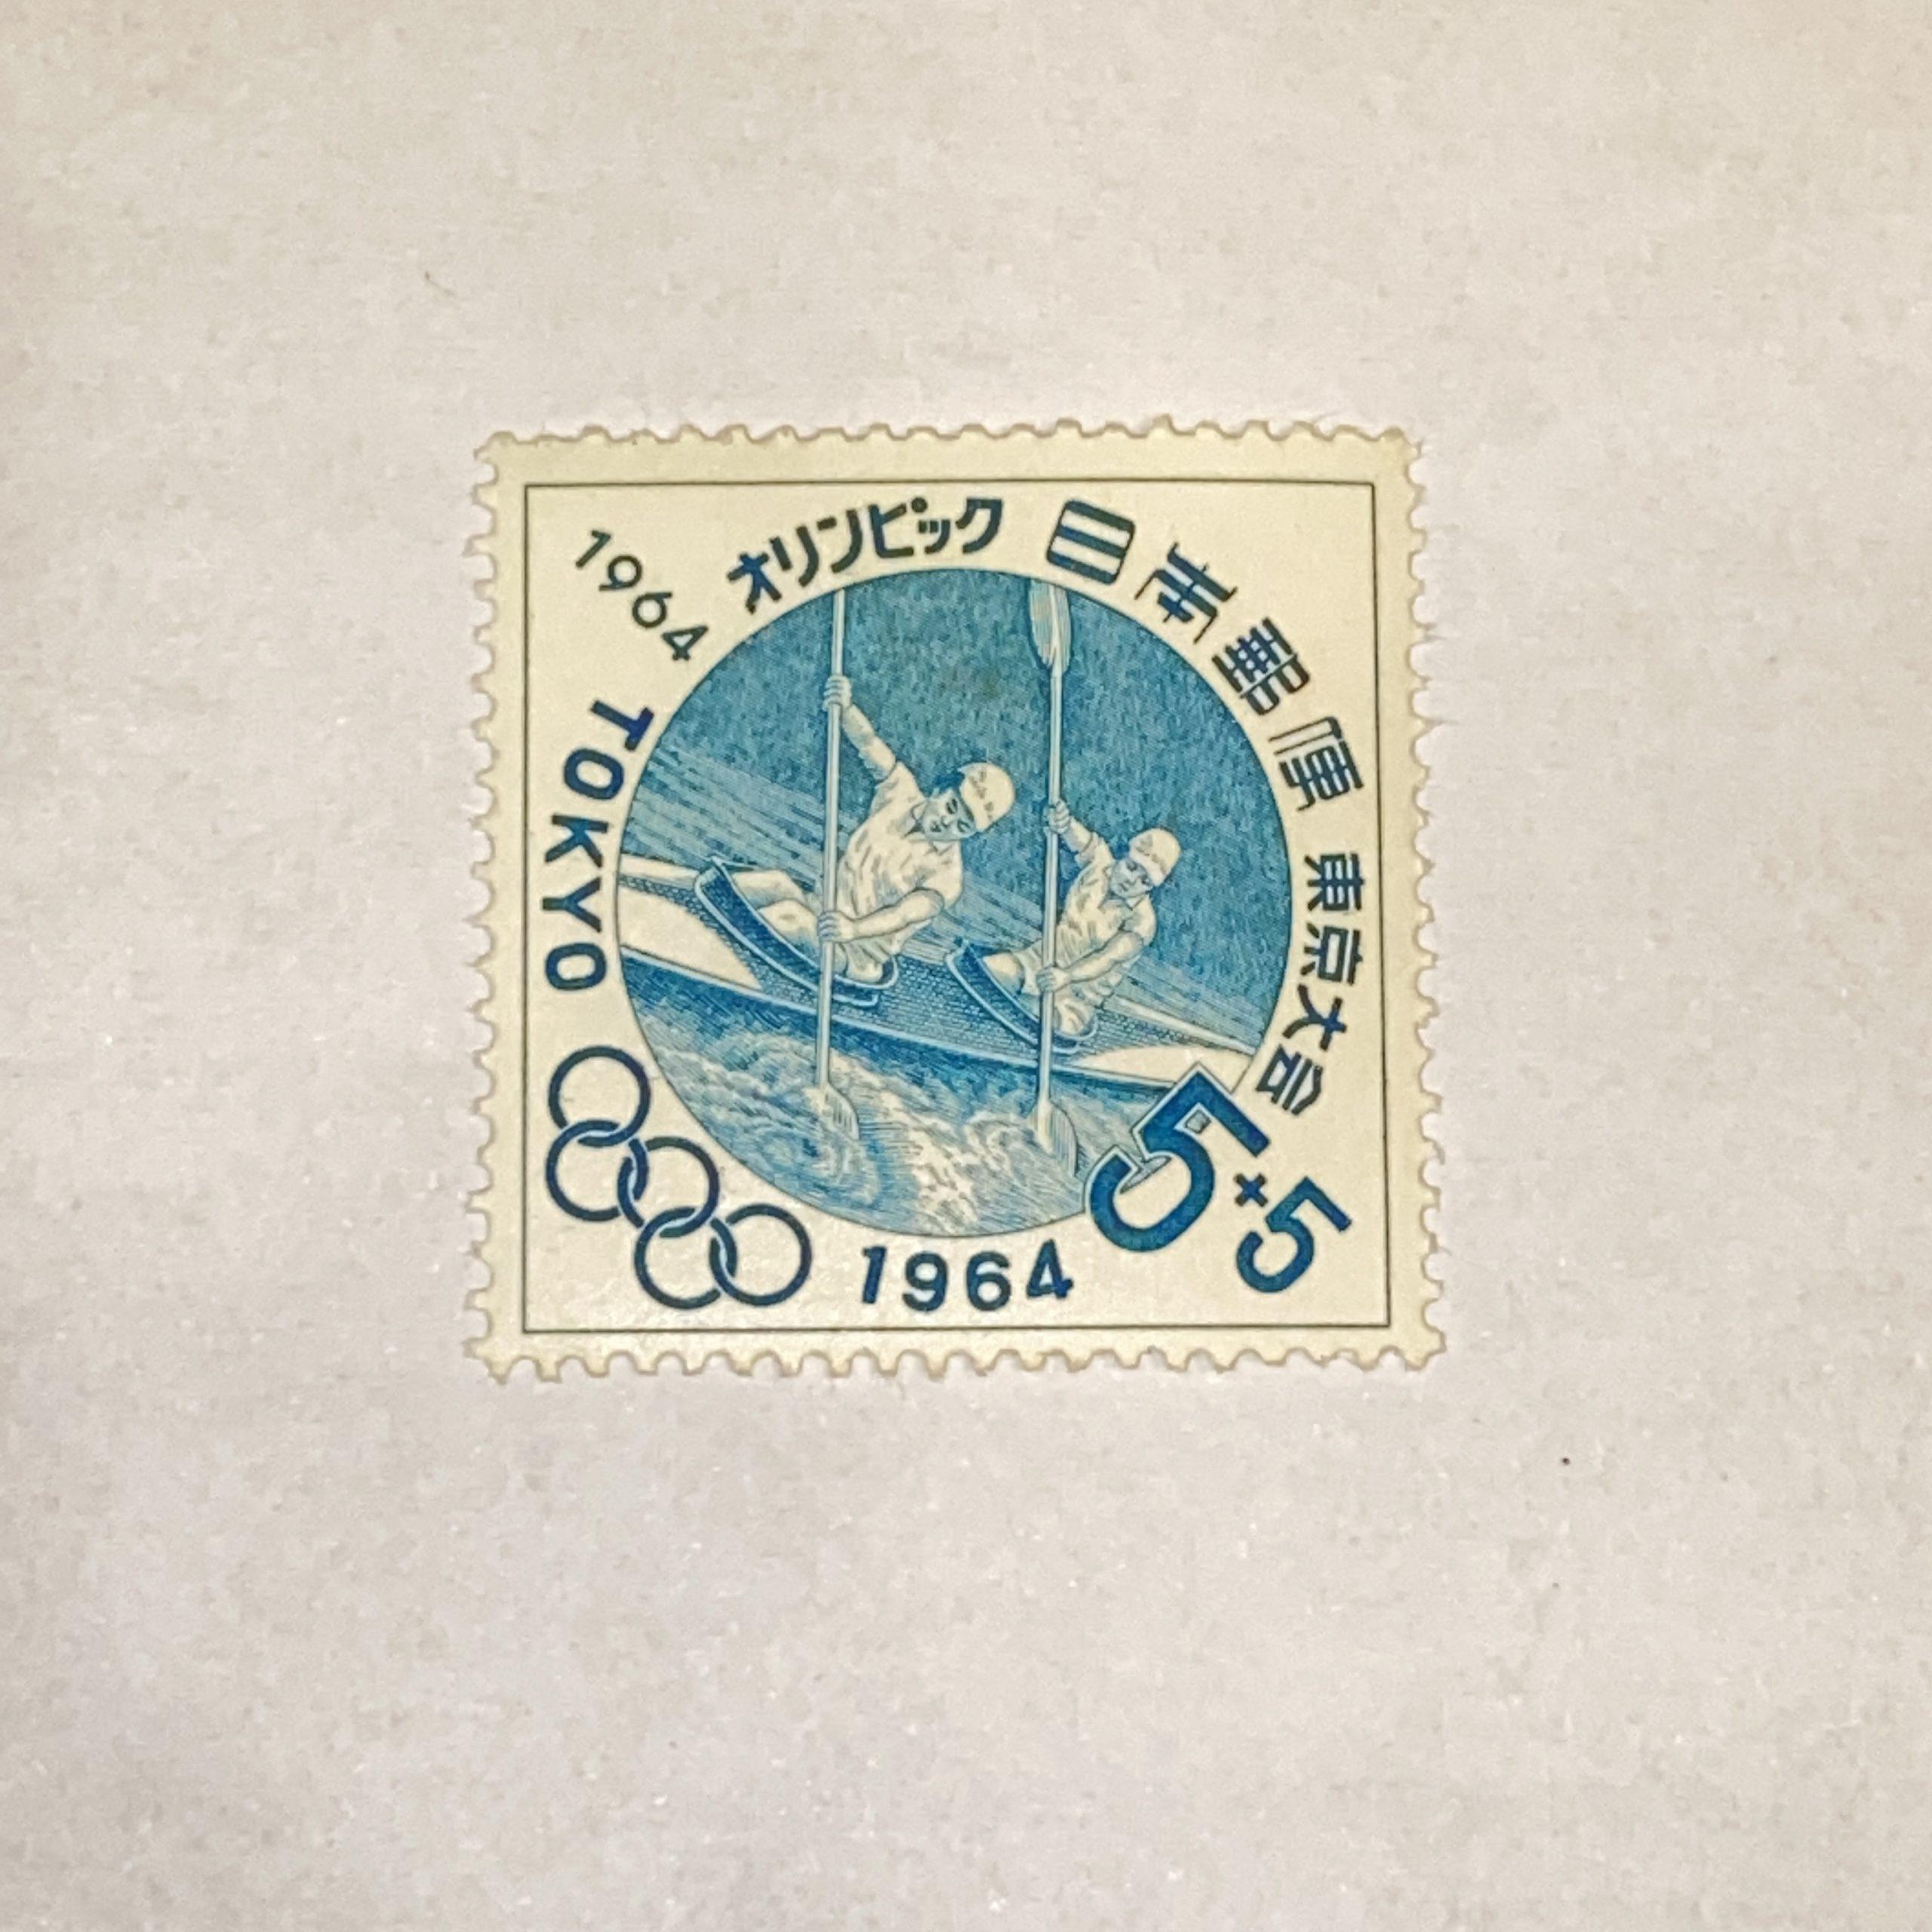 日本バラ切手 5円